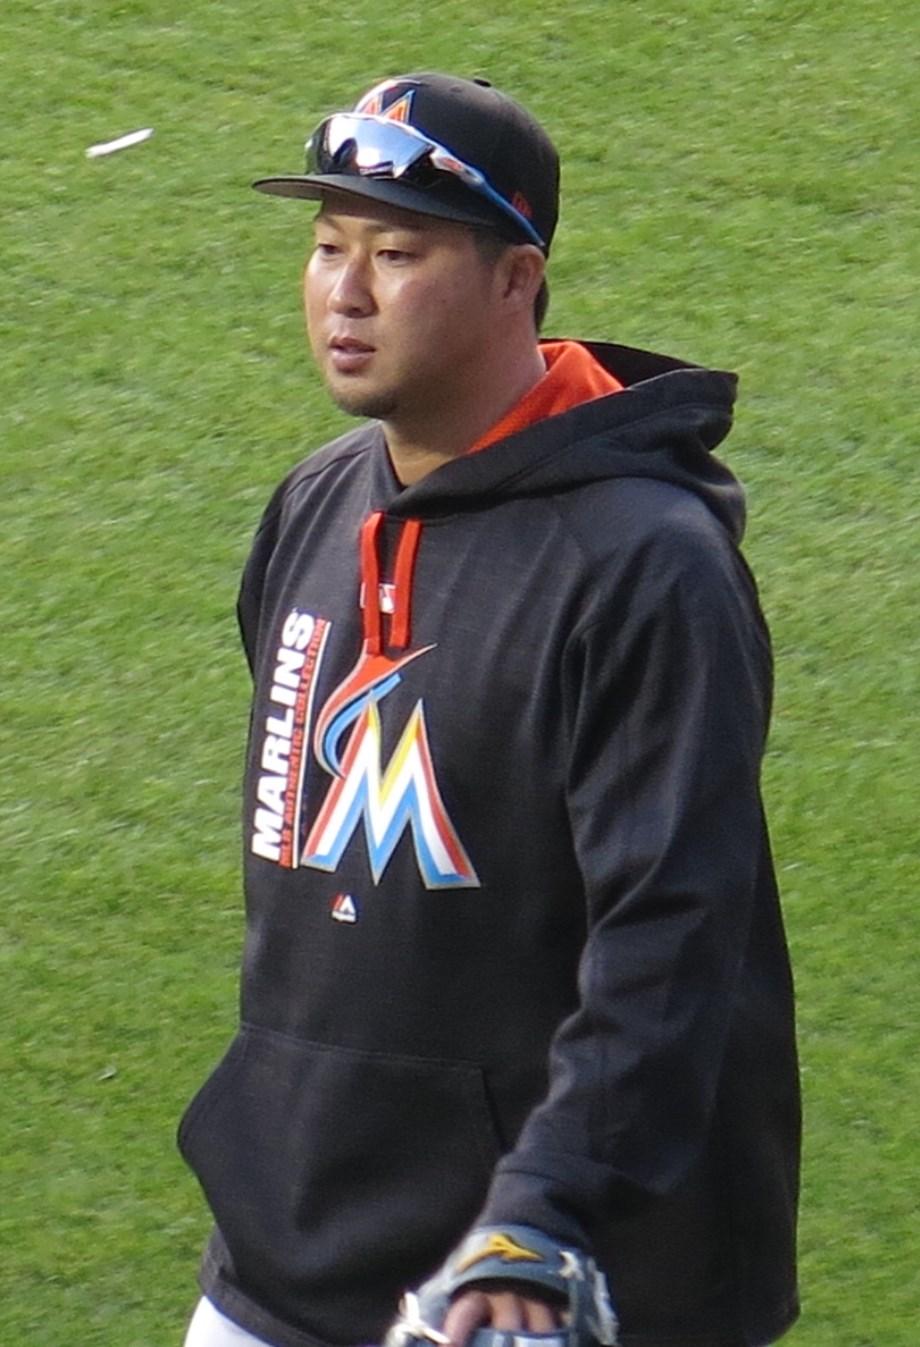 MLB-Cubs release veteran RHP Tazawa